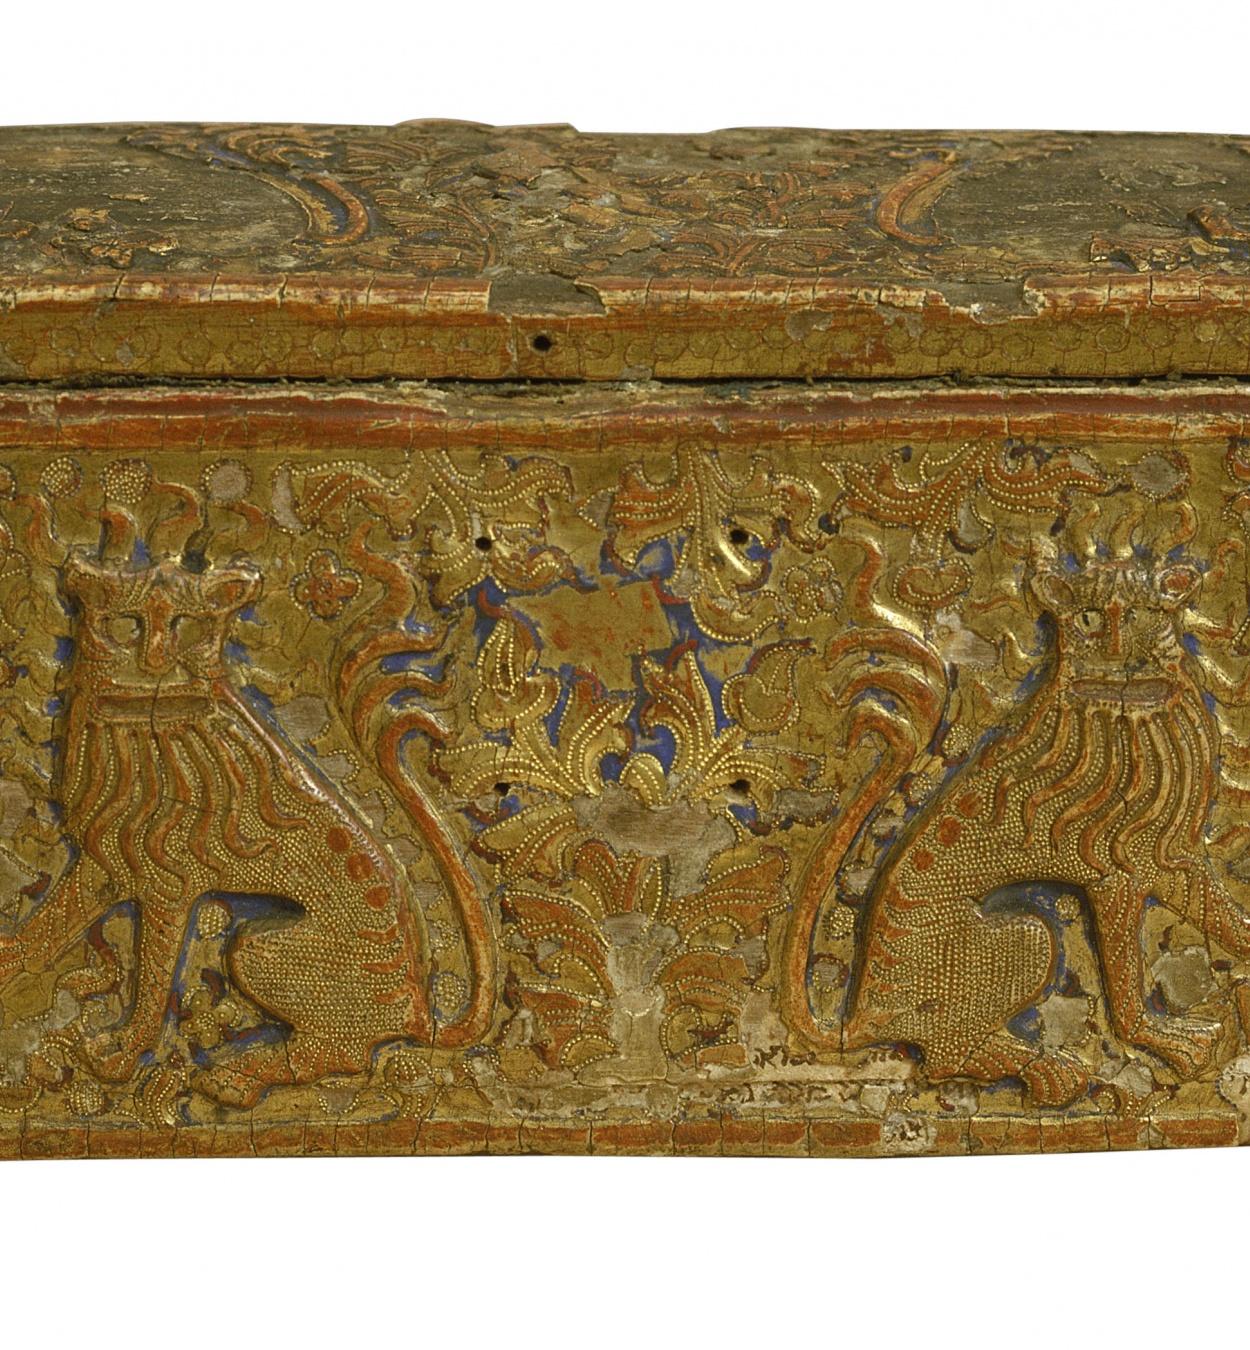 Anònim. Catalunya. Barcelona - Capseta amatòria amb lleons - Cap al segon quart del segle XV